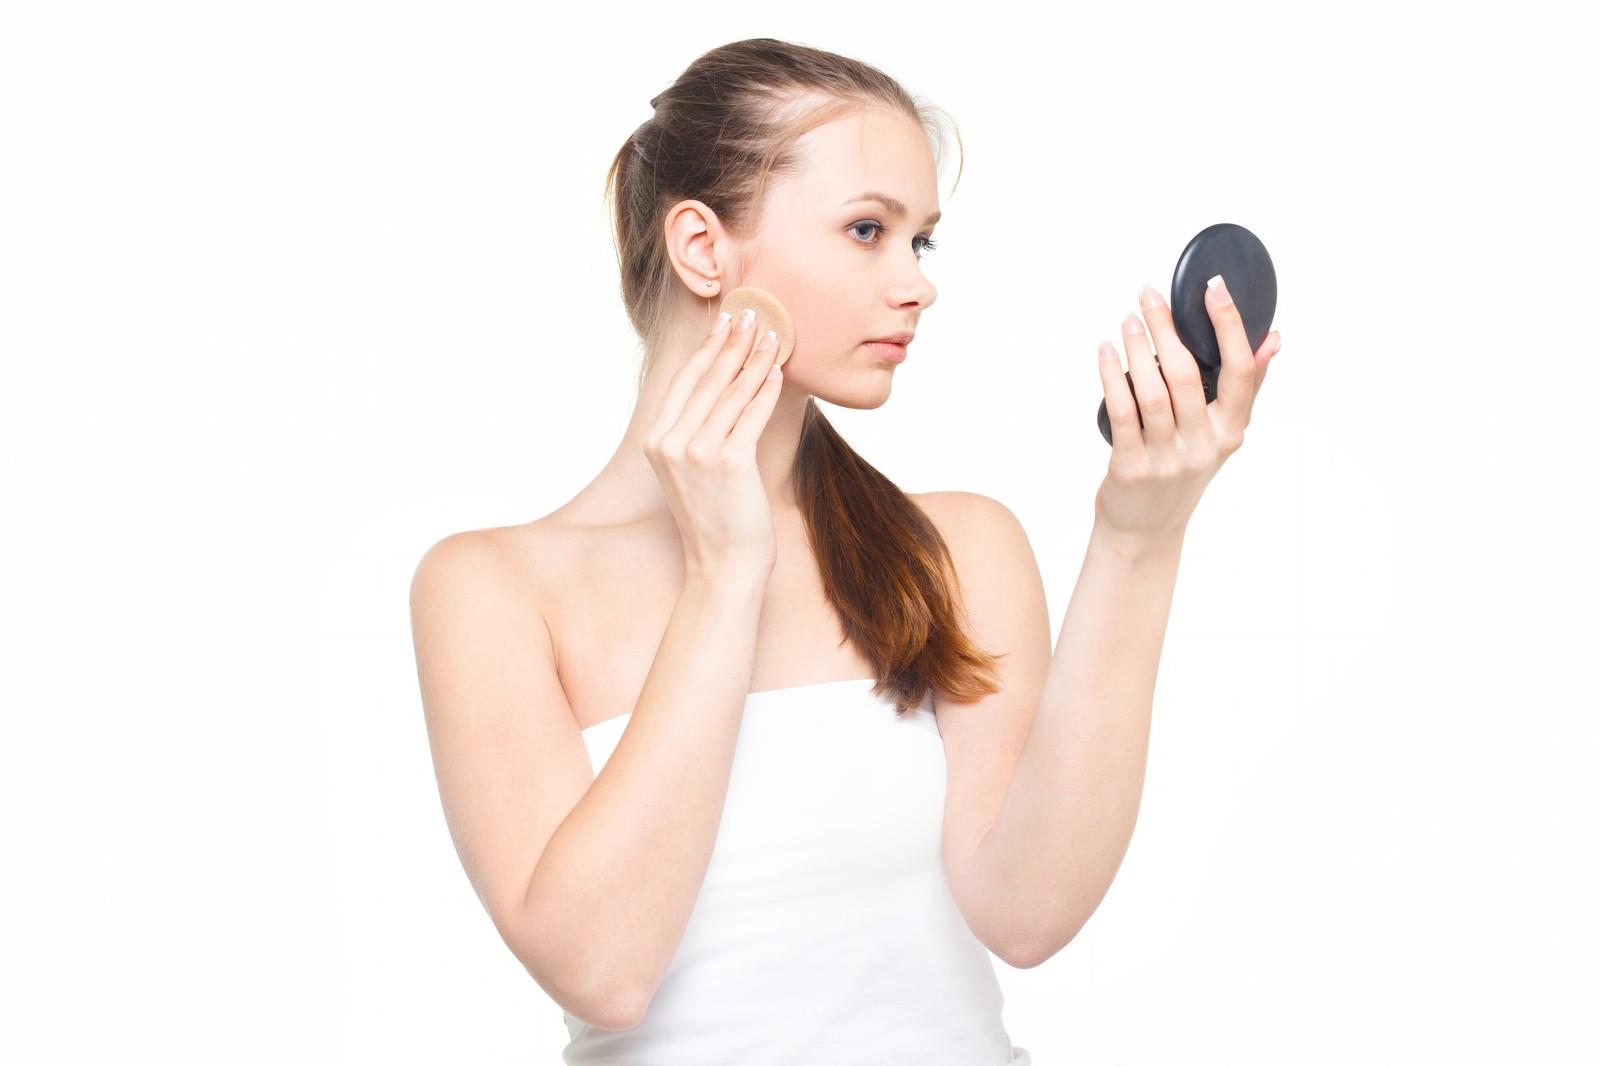 【メイク術】知っていますか? 化粧下地が必要な理由5つと使い方のサムネイル画像